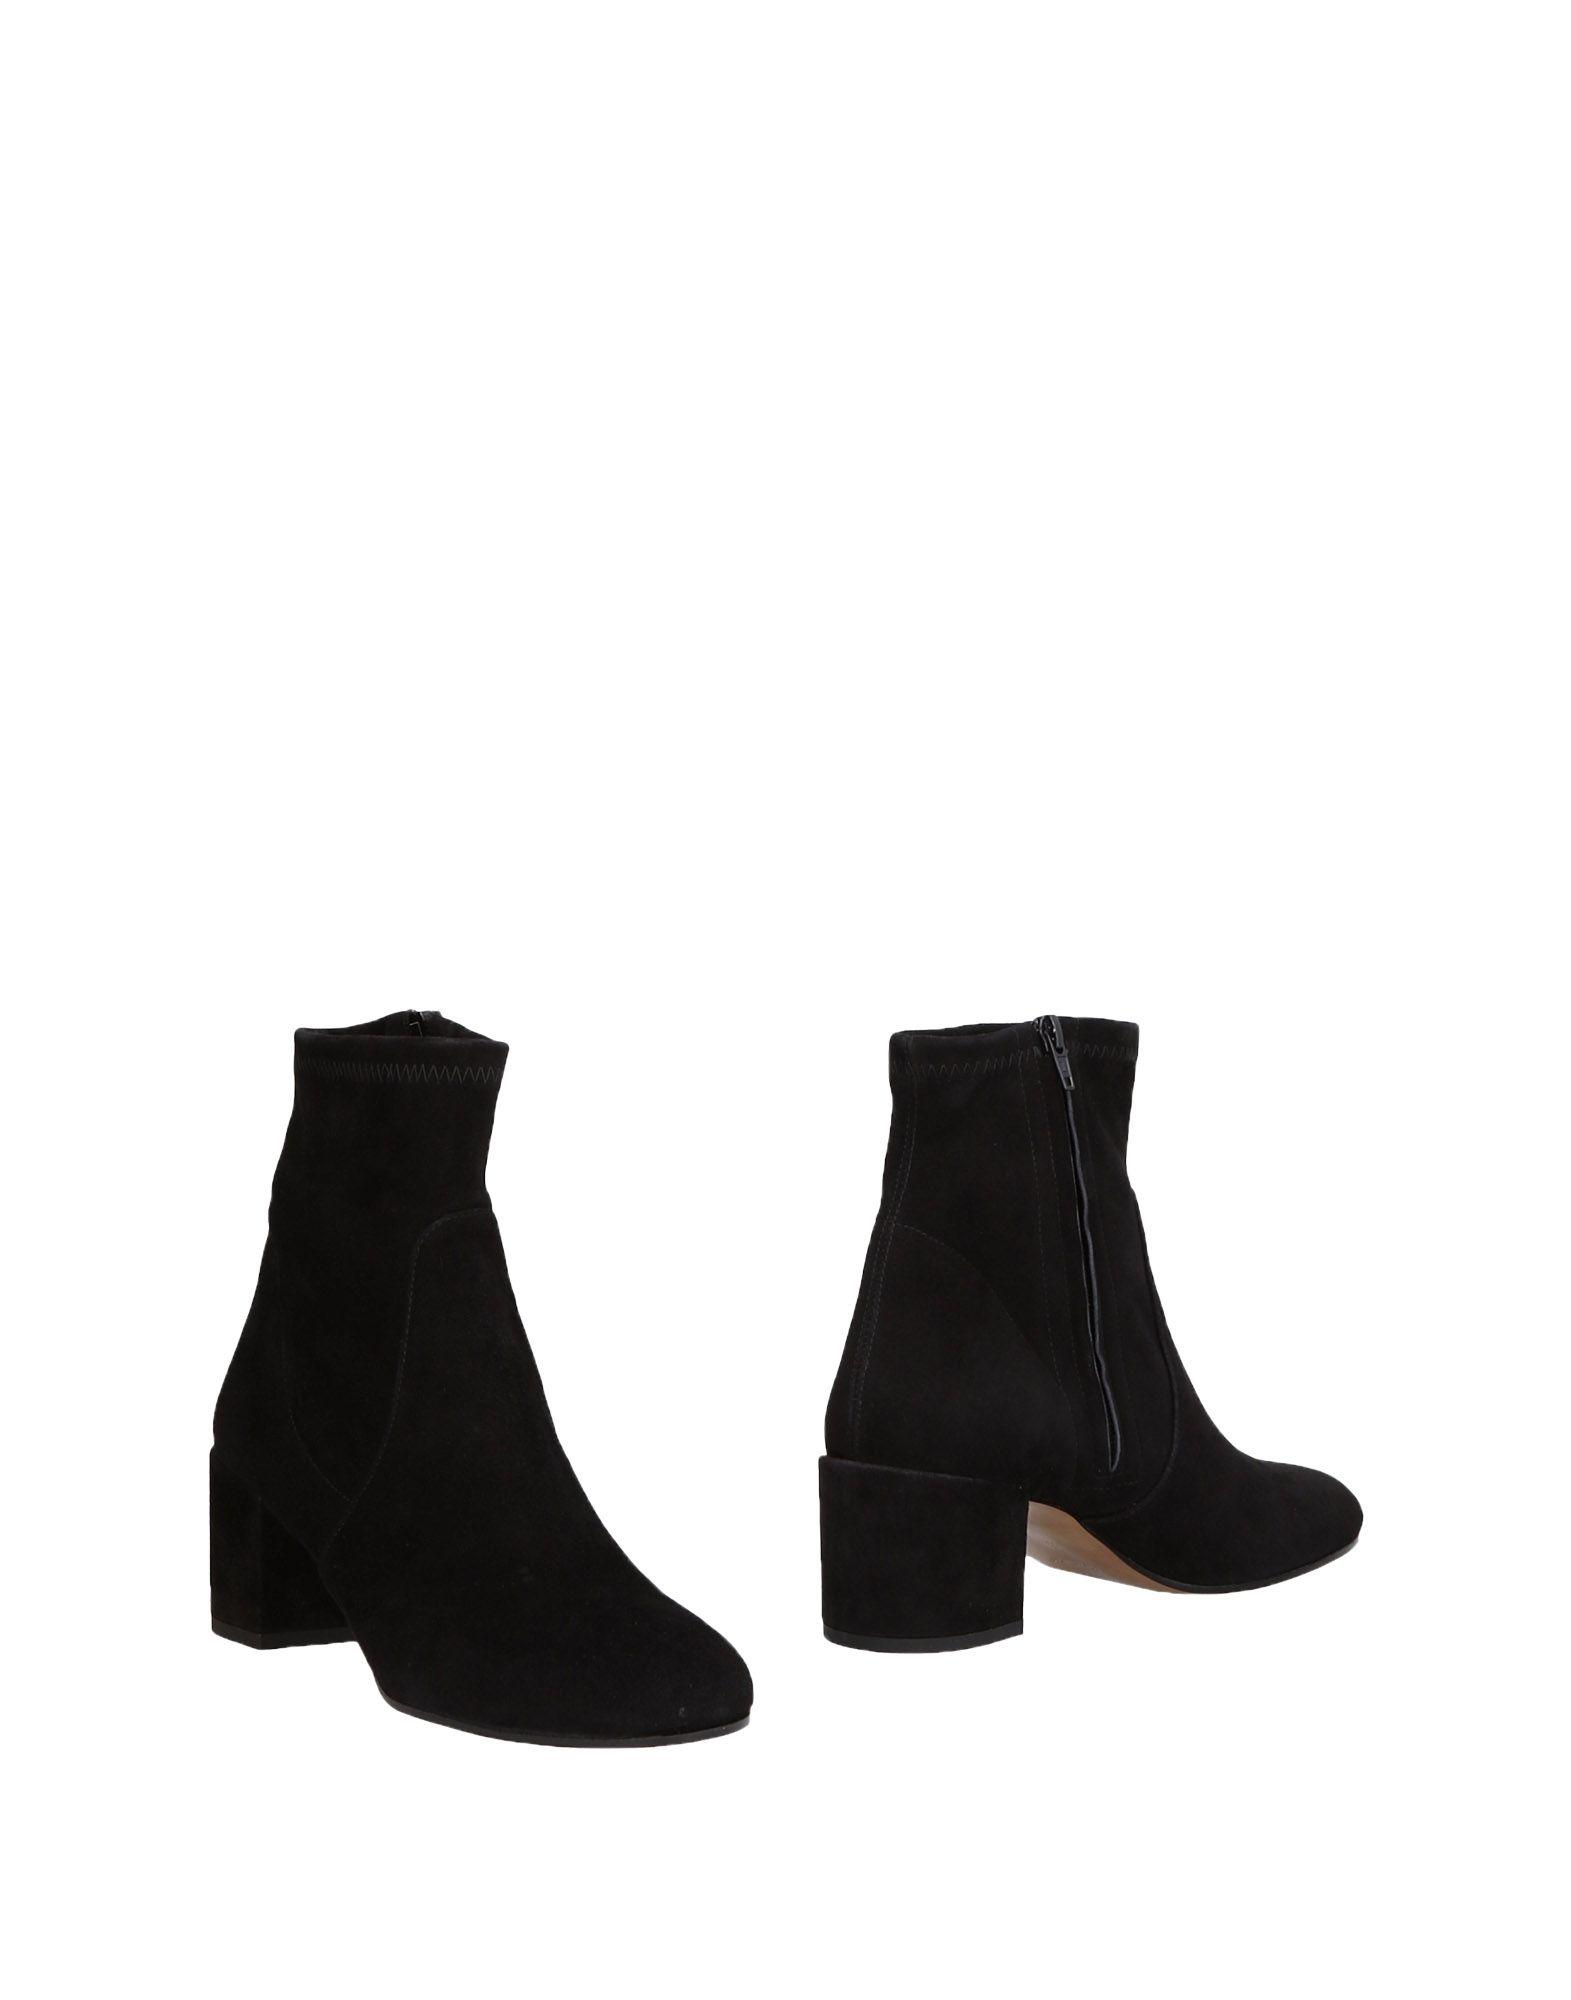 Bianca 11471122XB Di Stiefelette Damen  11471122XB Bianca Gute Qualität beliebte Schuhe 07c65f